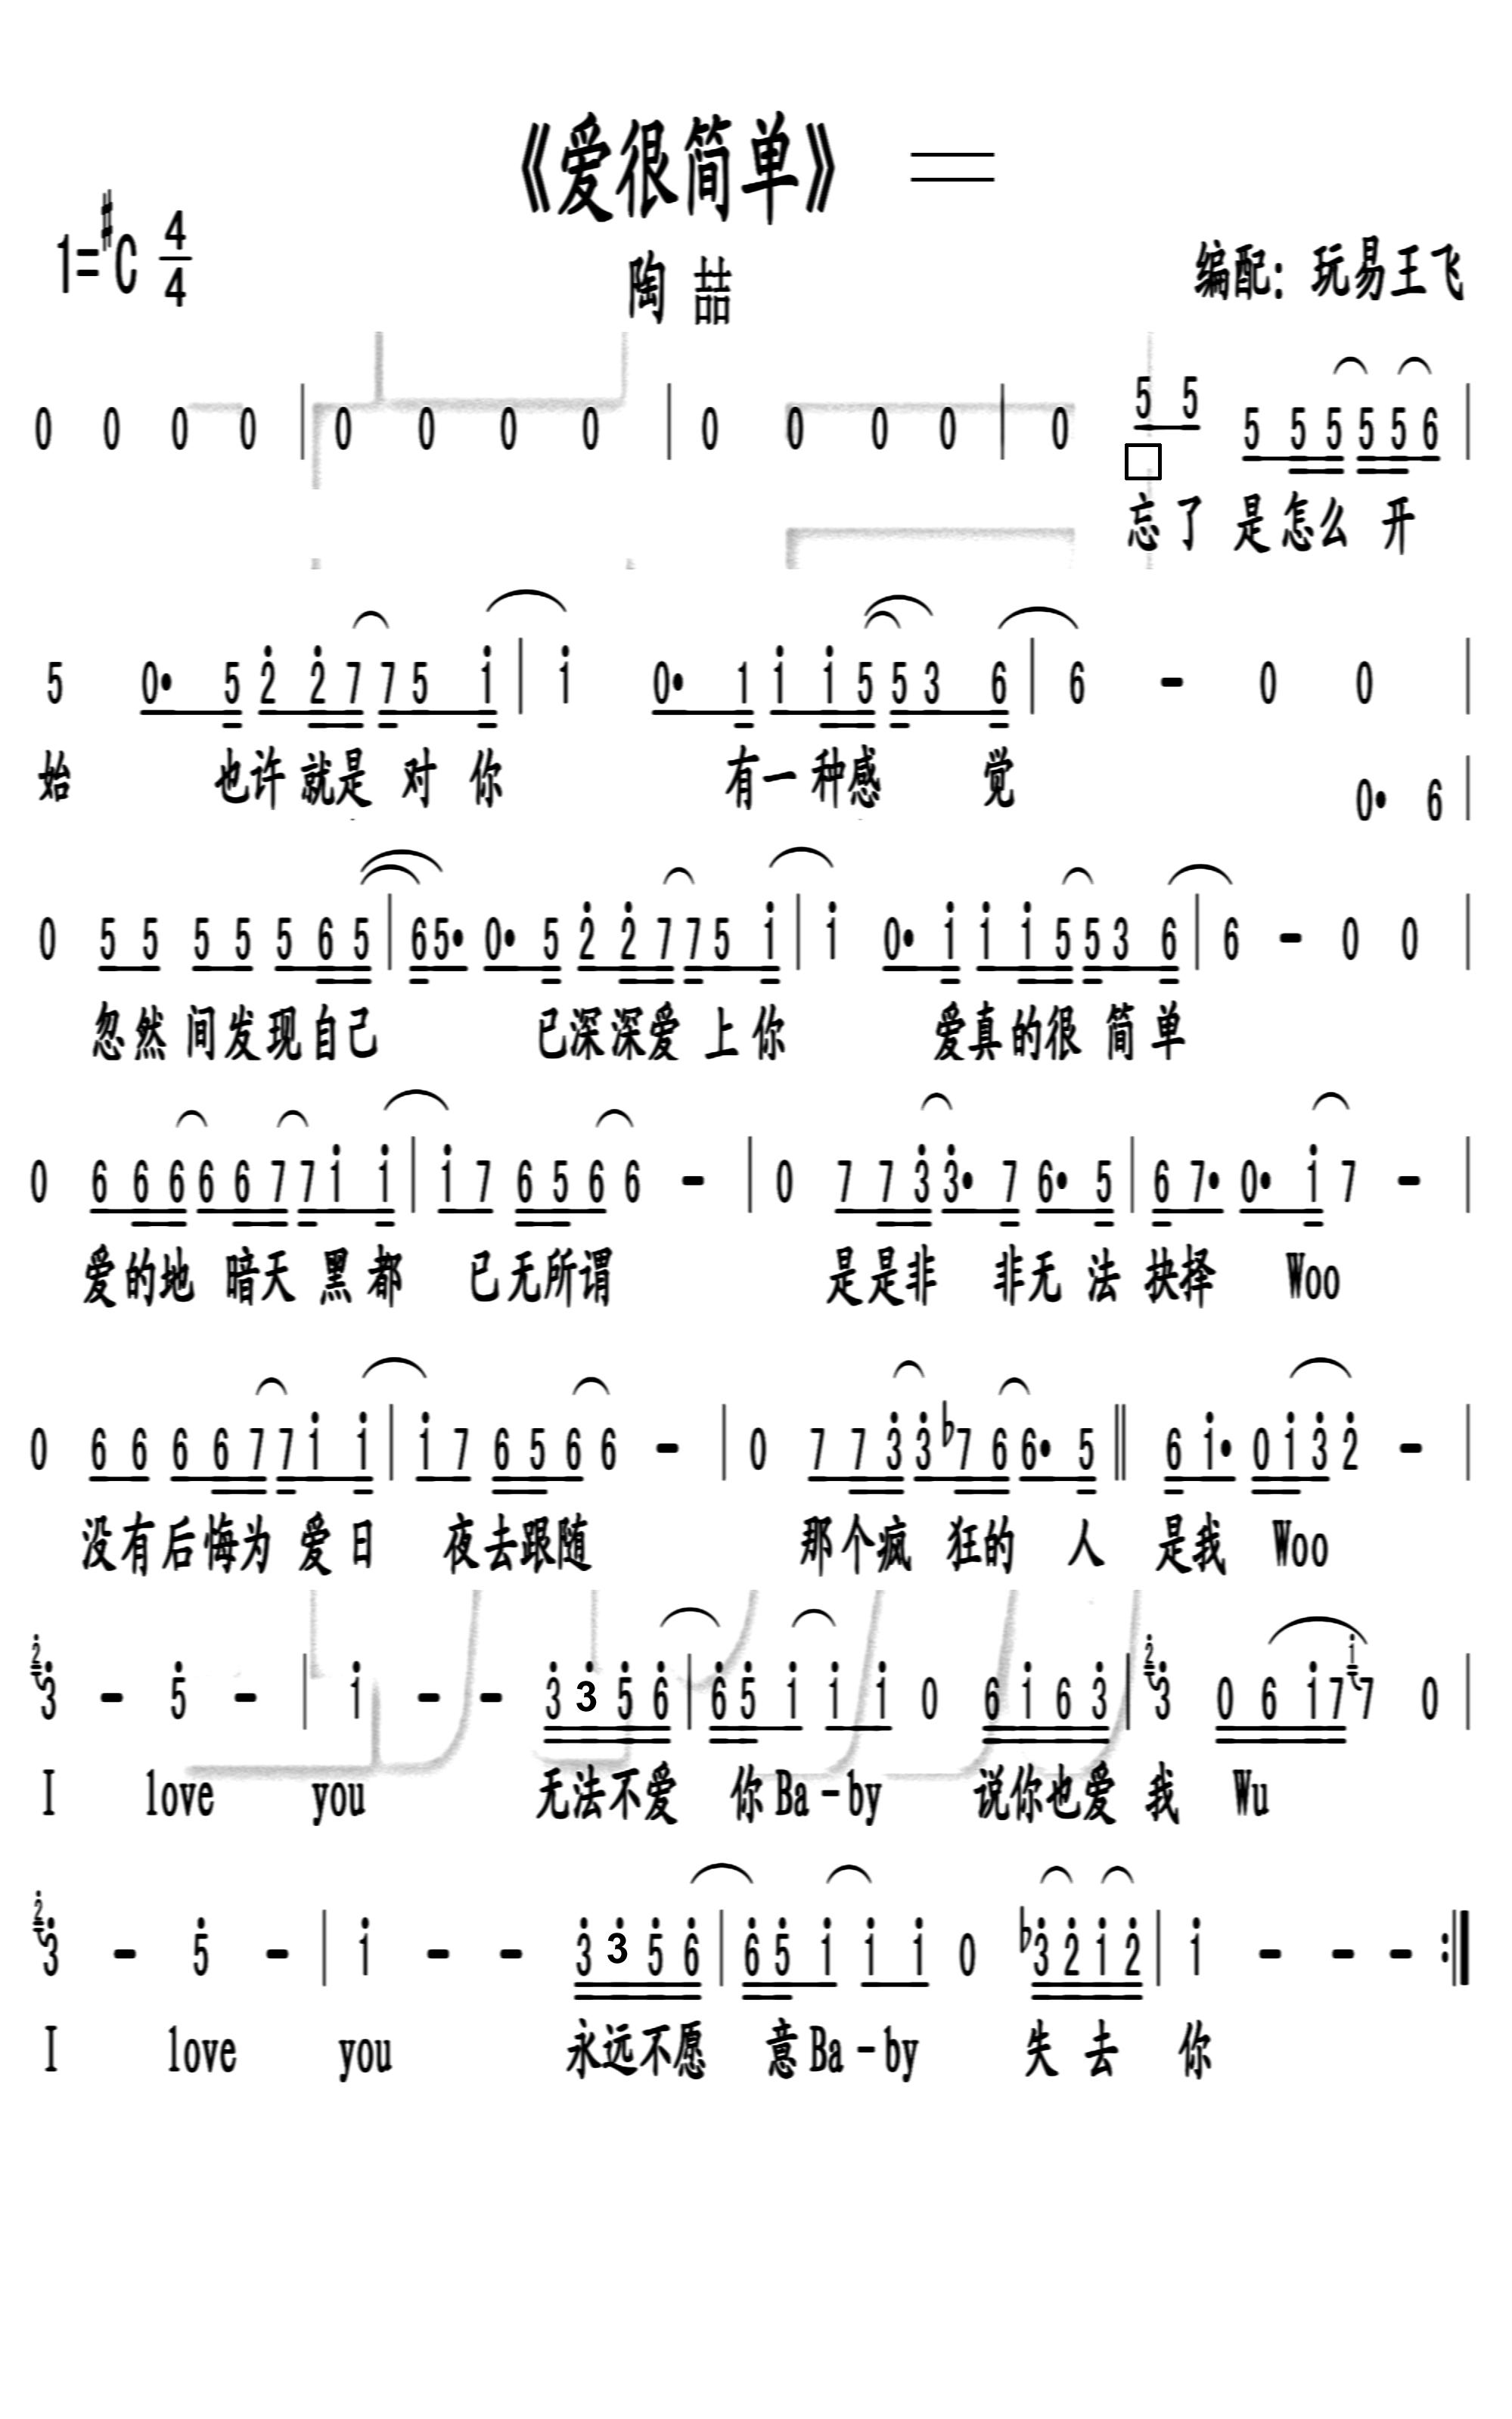 爱很简单 葫芦丝简谱 编曲 混缩 tiger1950